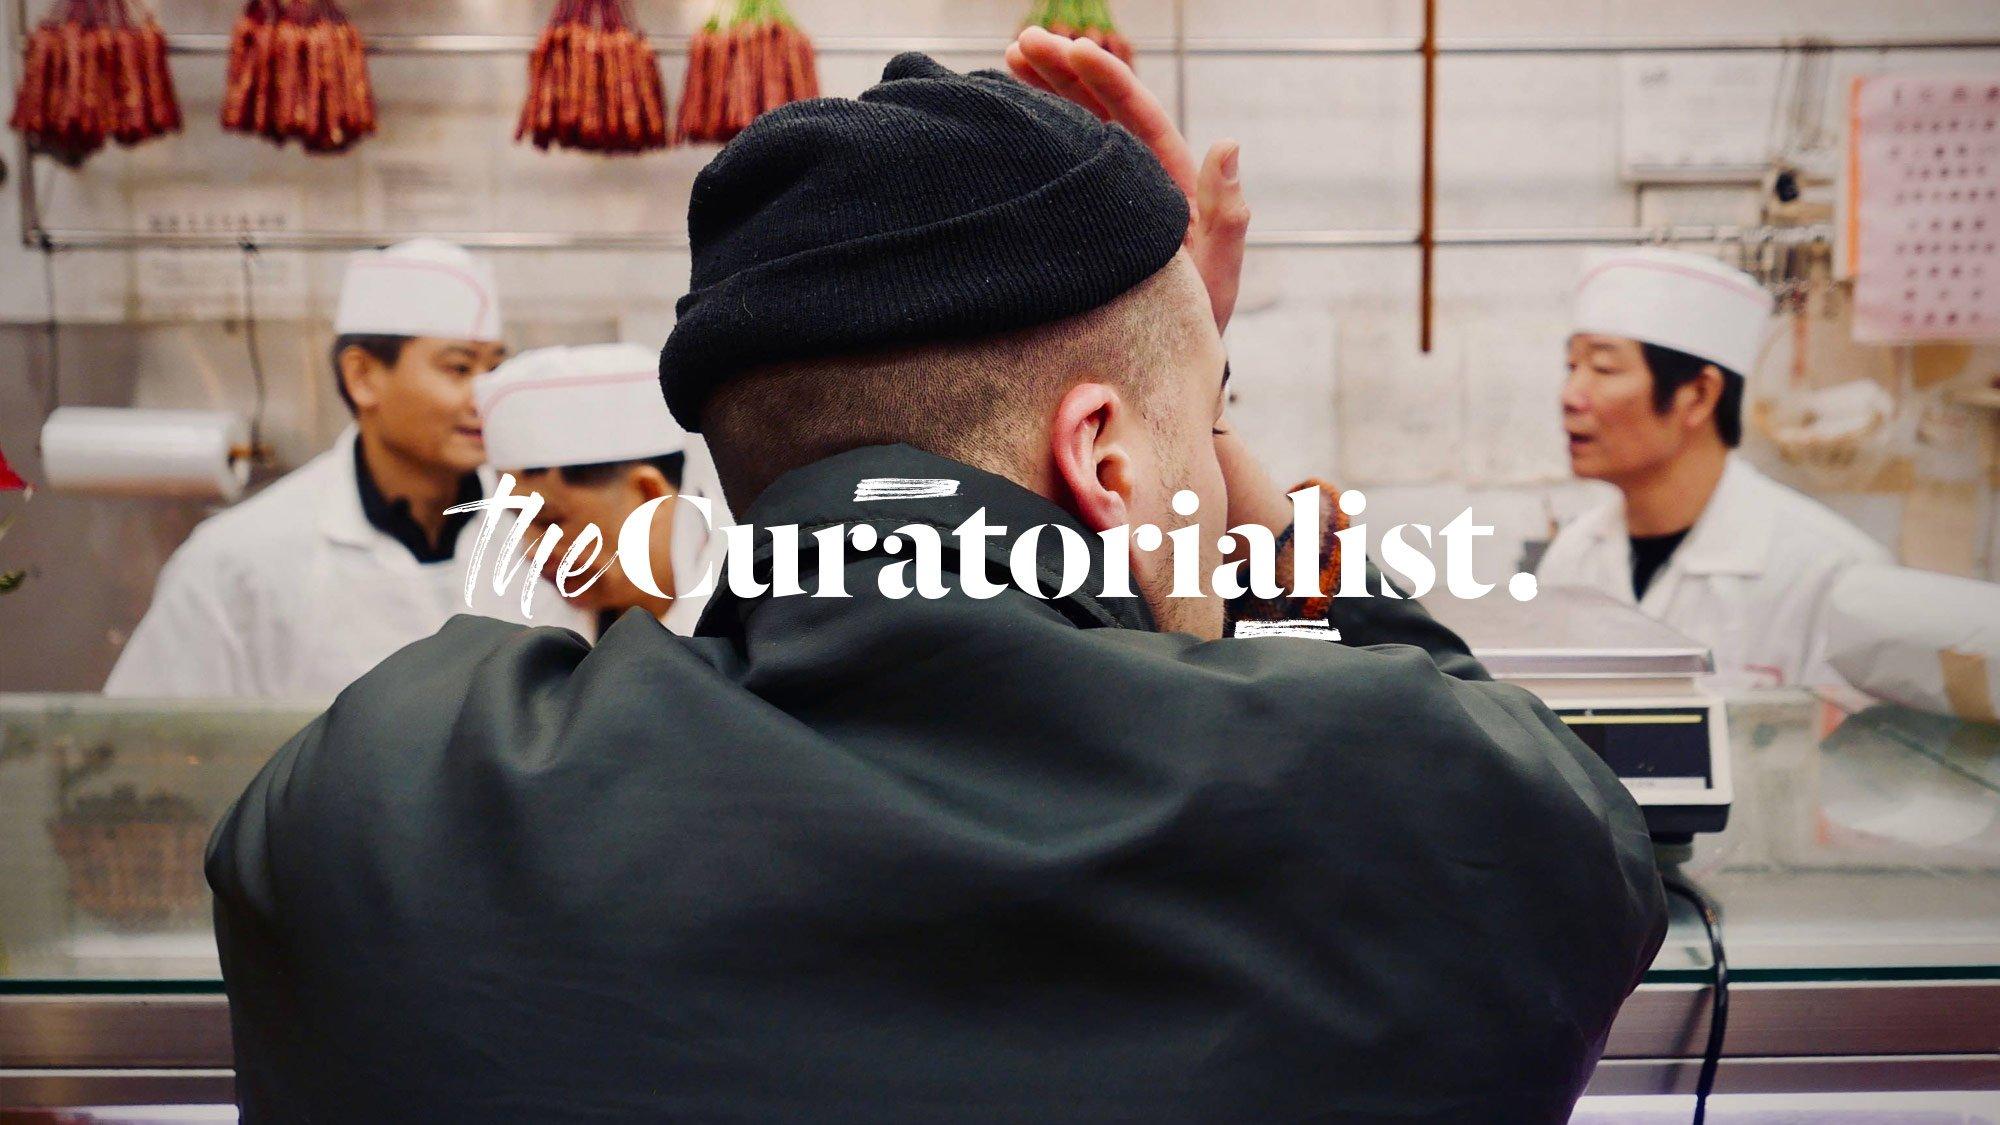 thecuratorialist_01